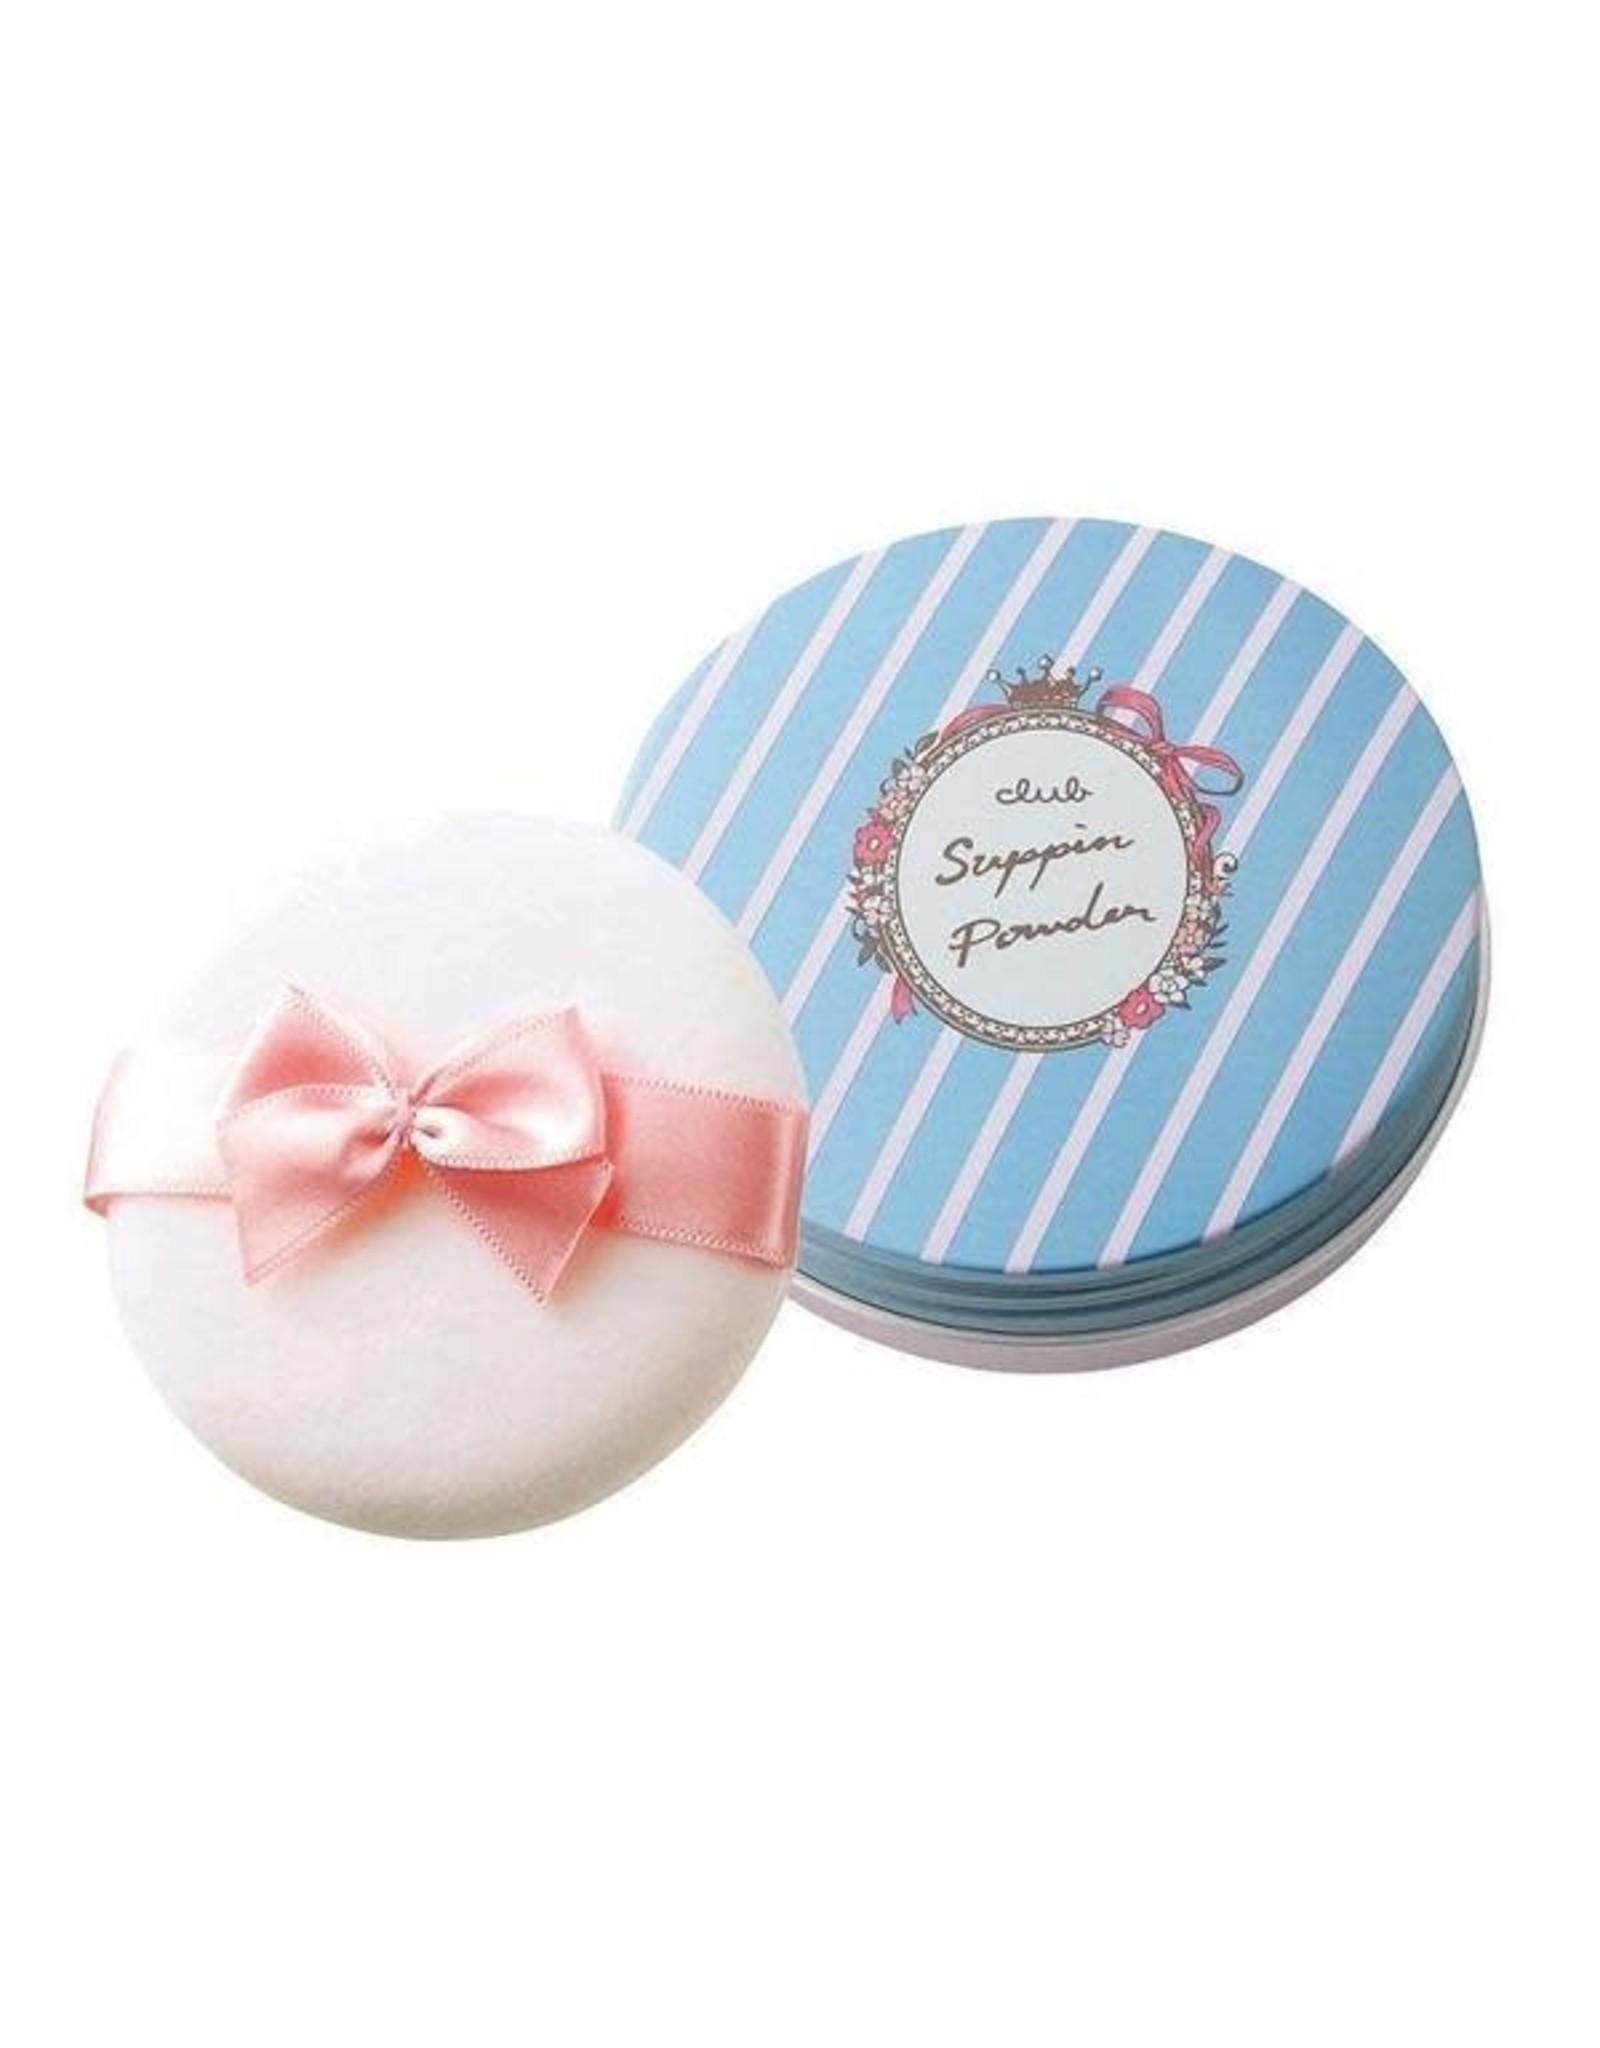 Club Club Suppin Powder B Apple Mint Fragrance